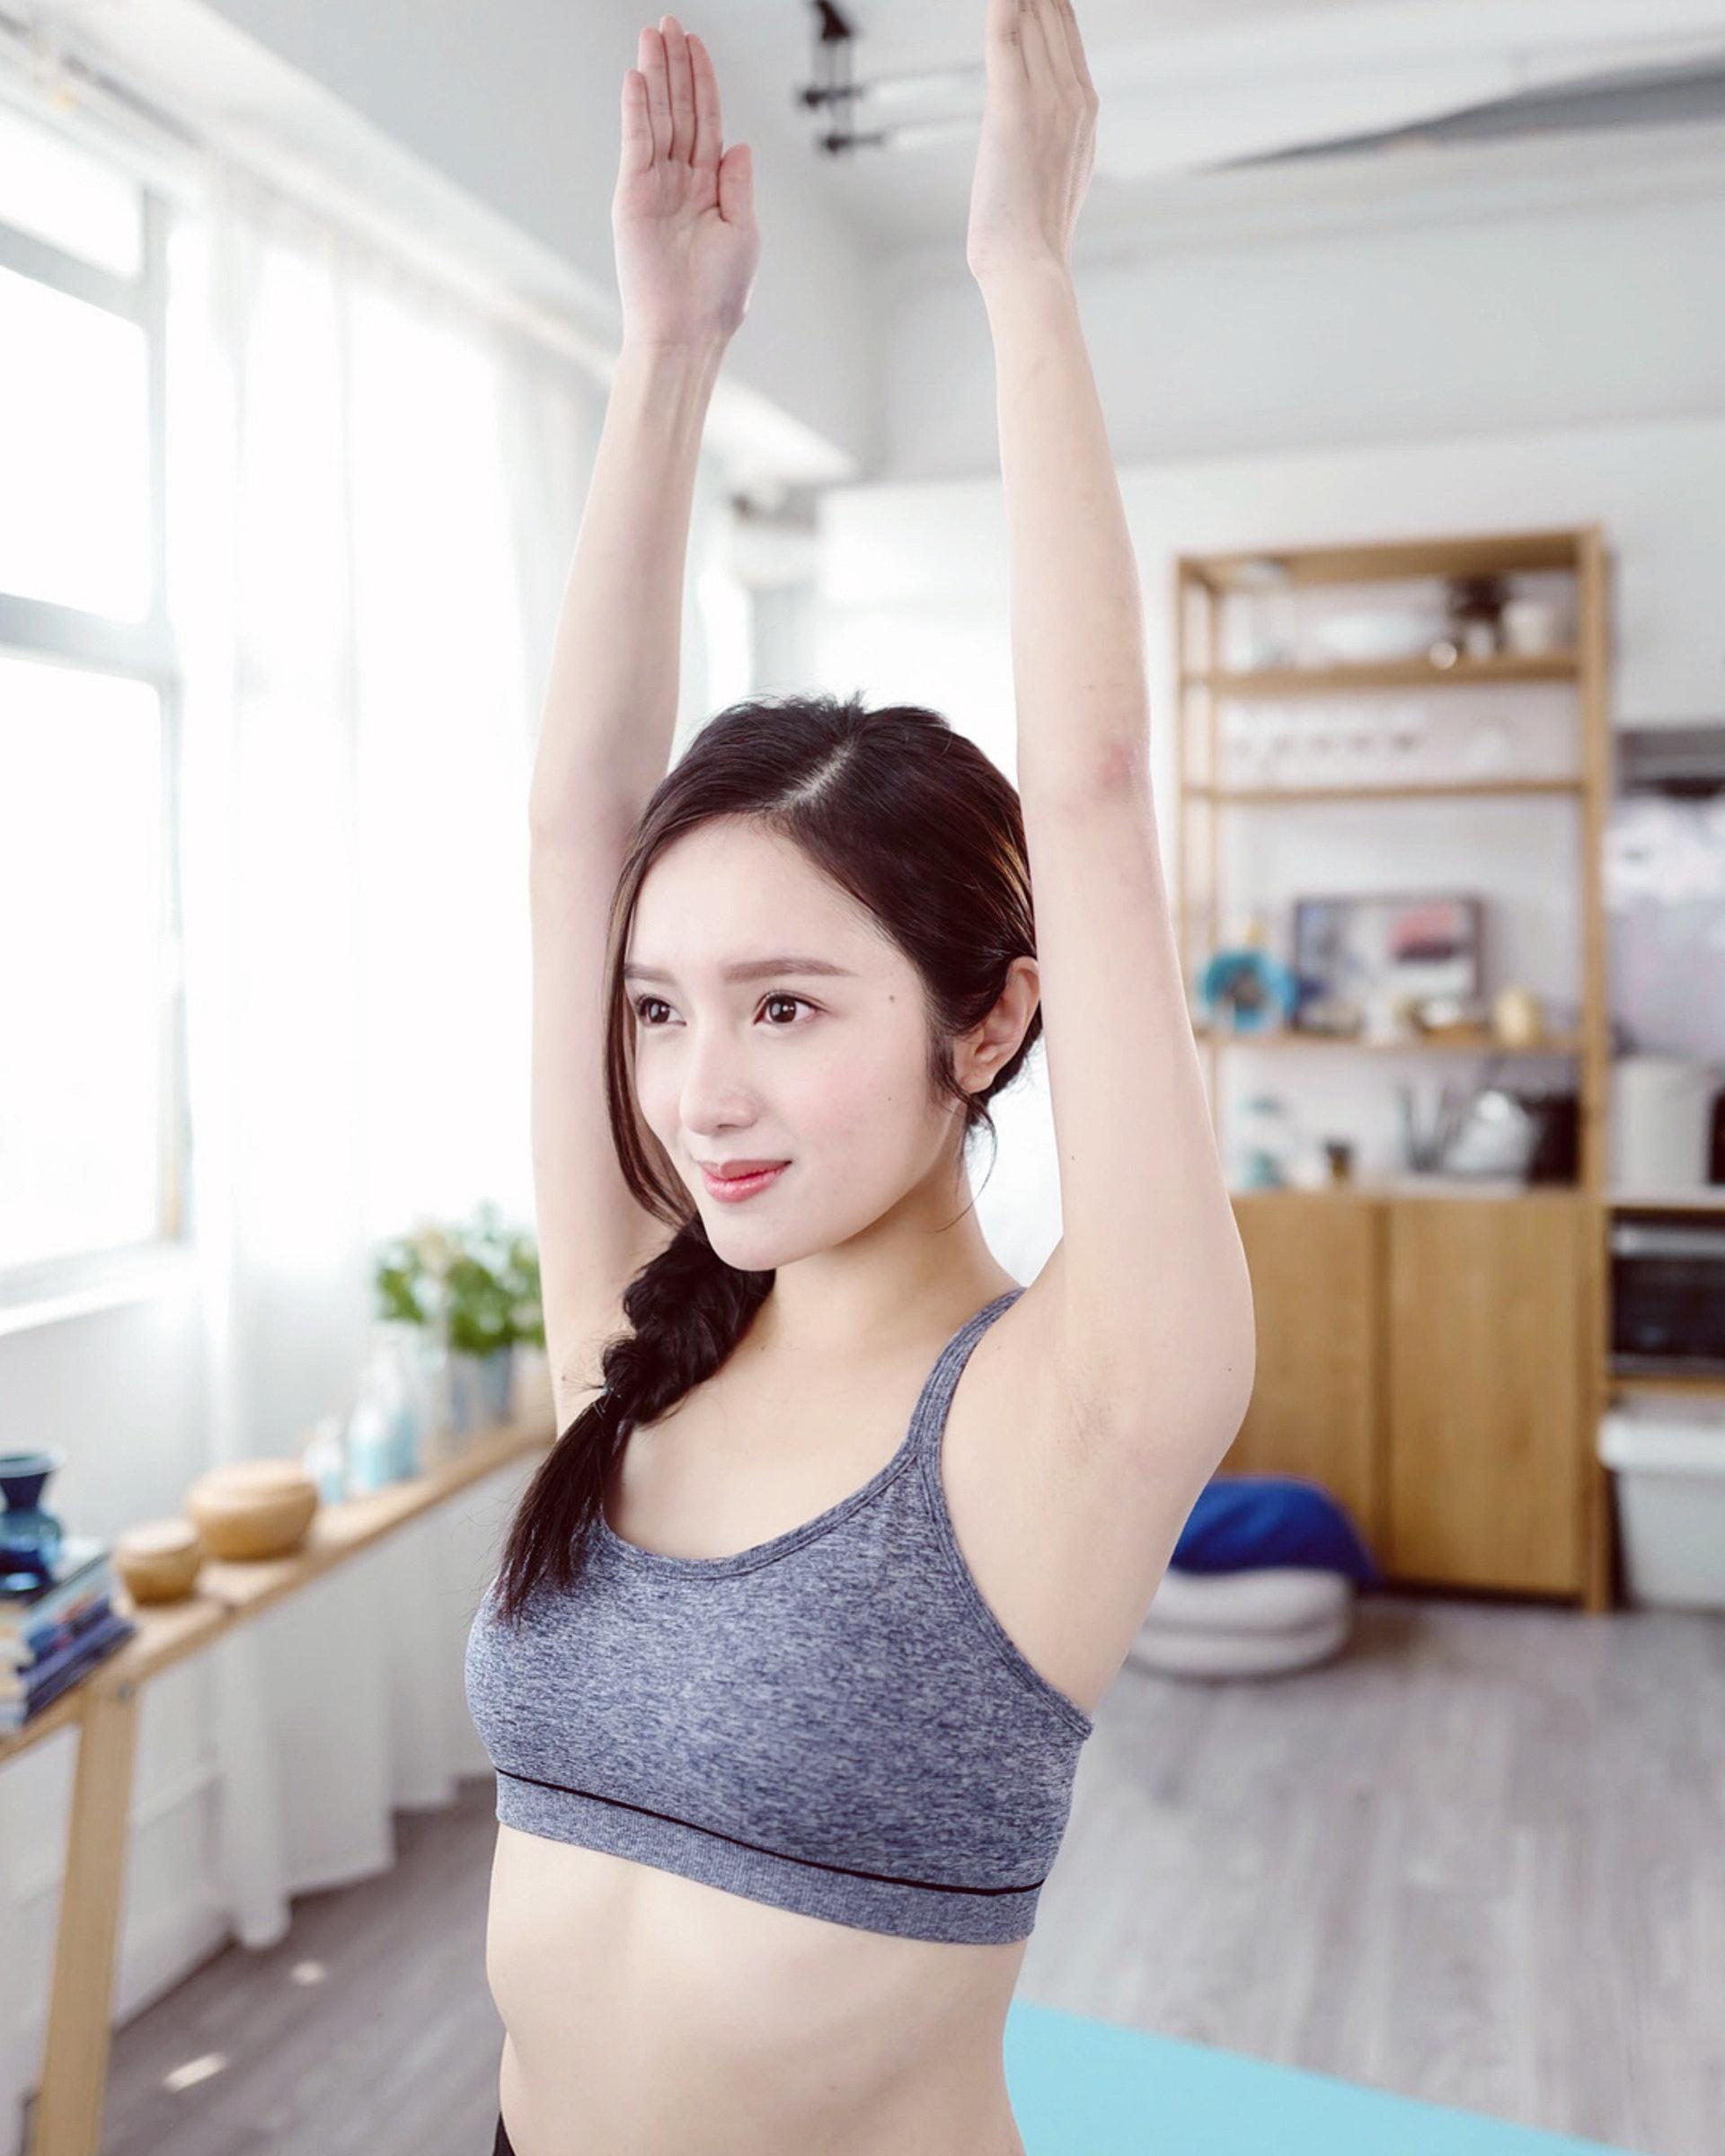 鄺潔楹平時也喜愛做運動。(IG圖片 / judy.kwong)